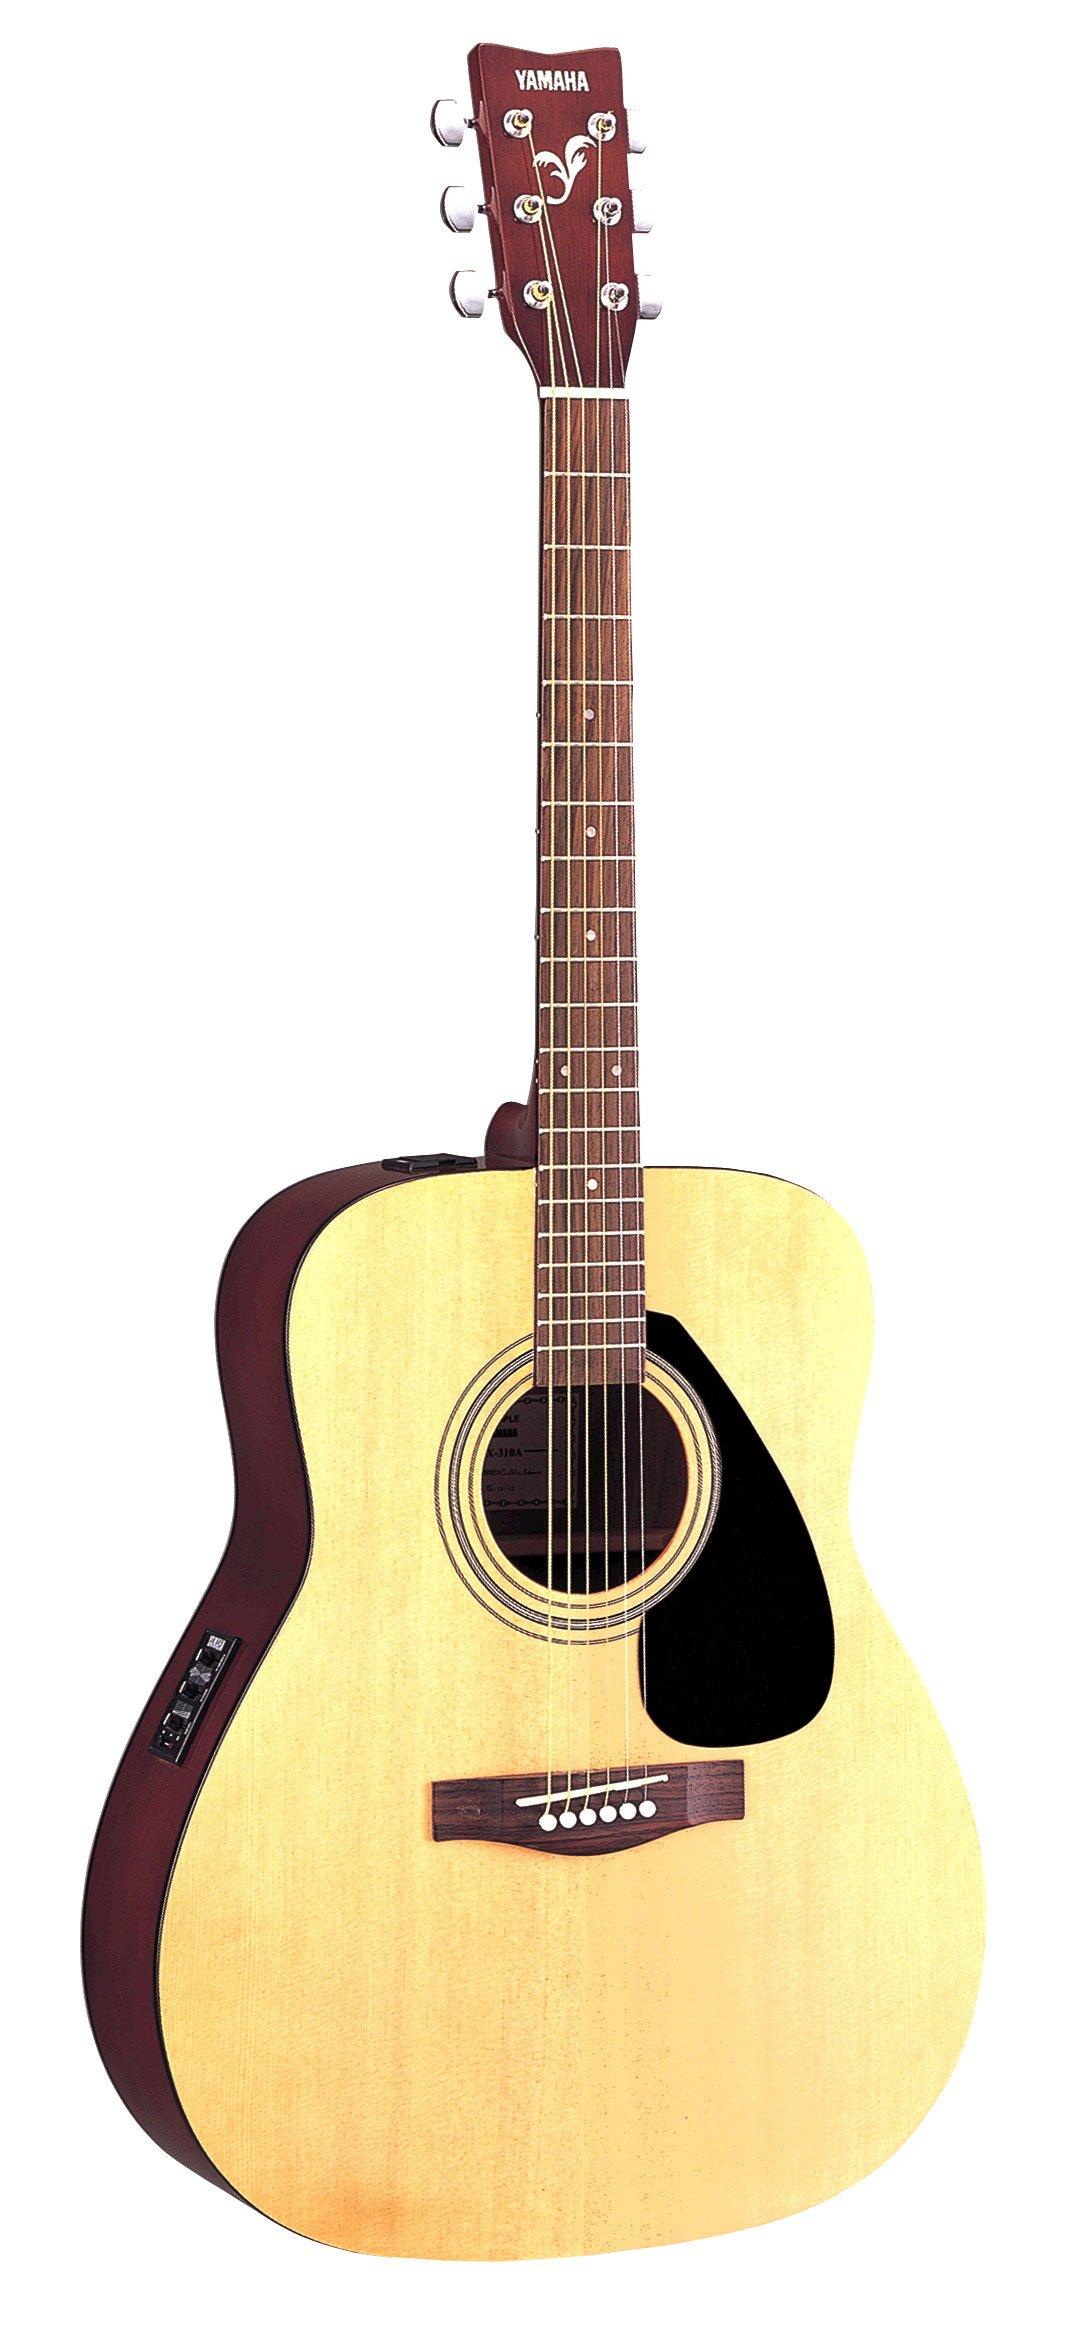 Yamaha Fgx Sga